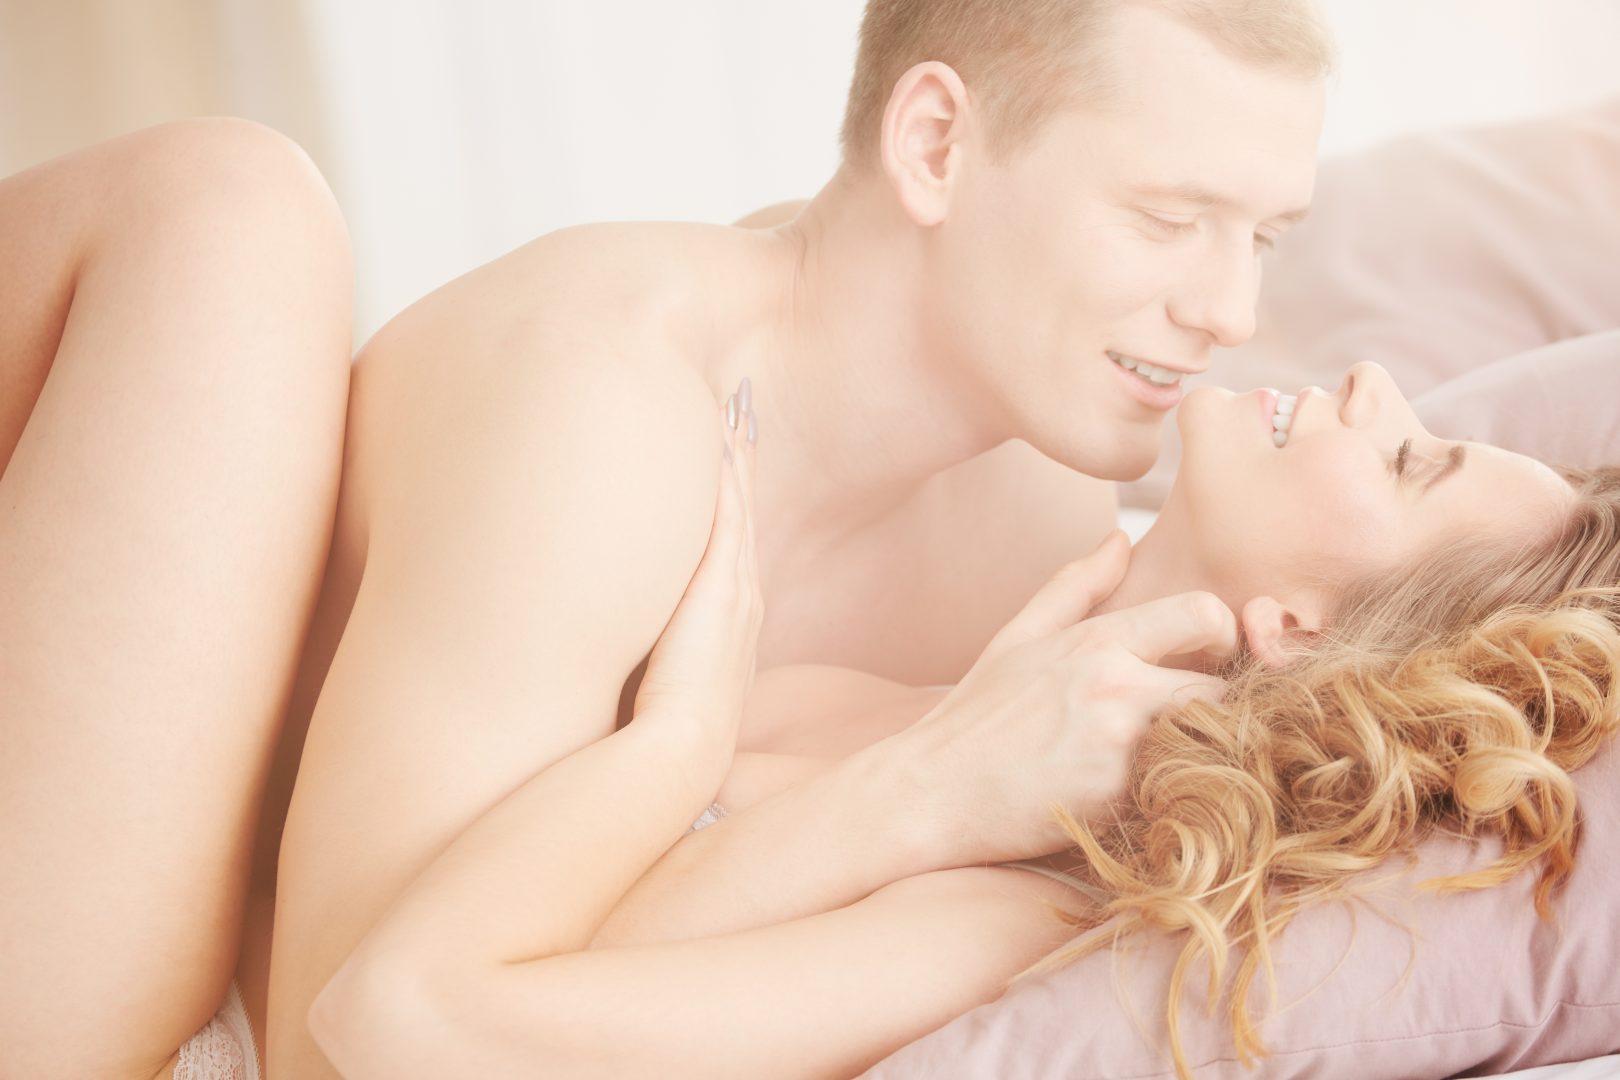 måter å gjøre Anal Sex enklere